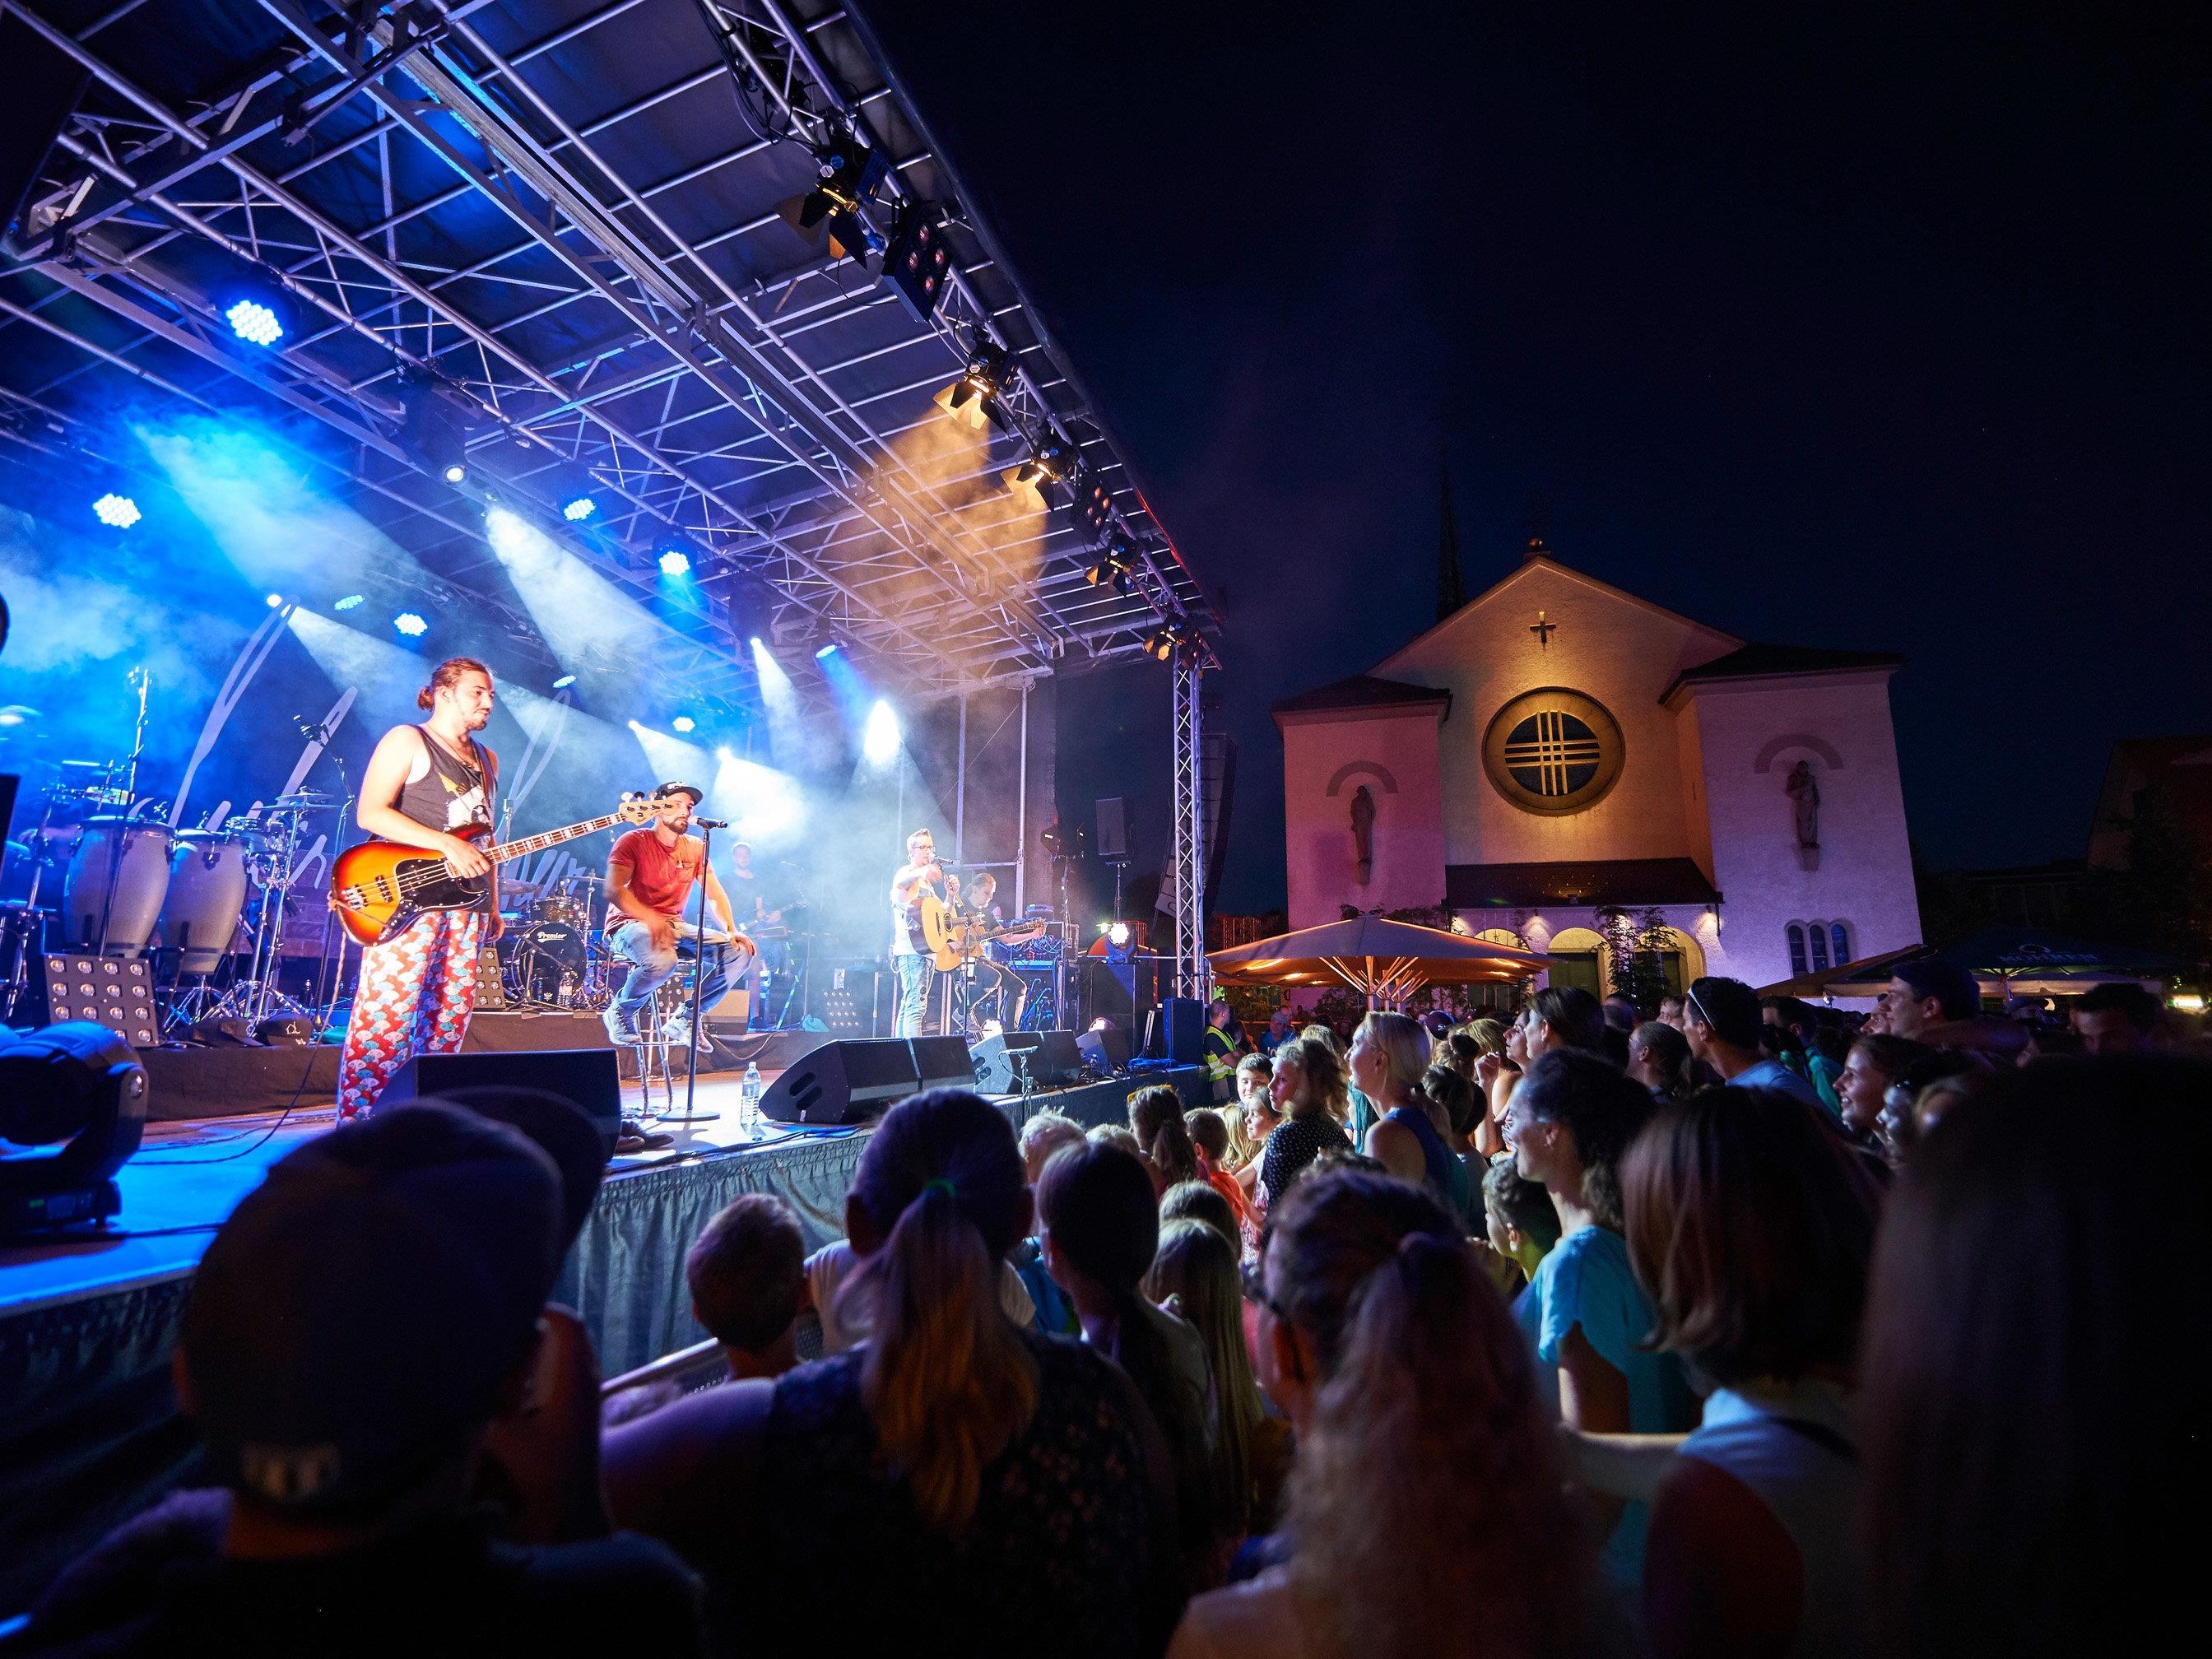 Auf dem Kirchplatz wartet wieder ein sensationeller Musiksommer